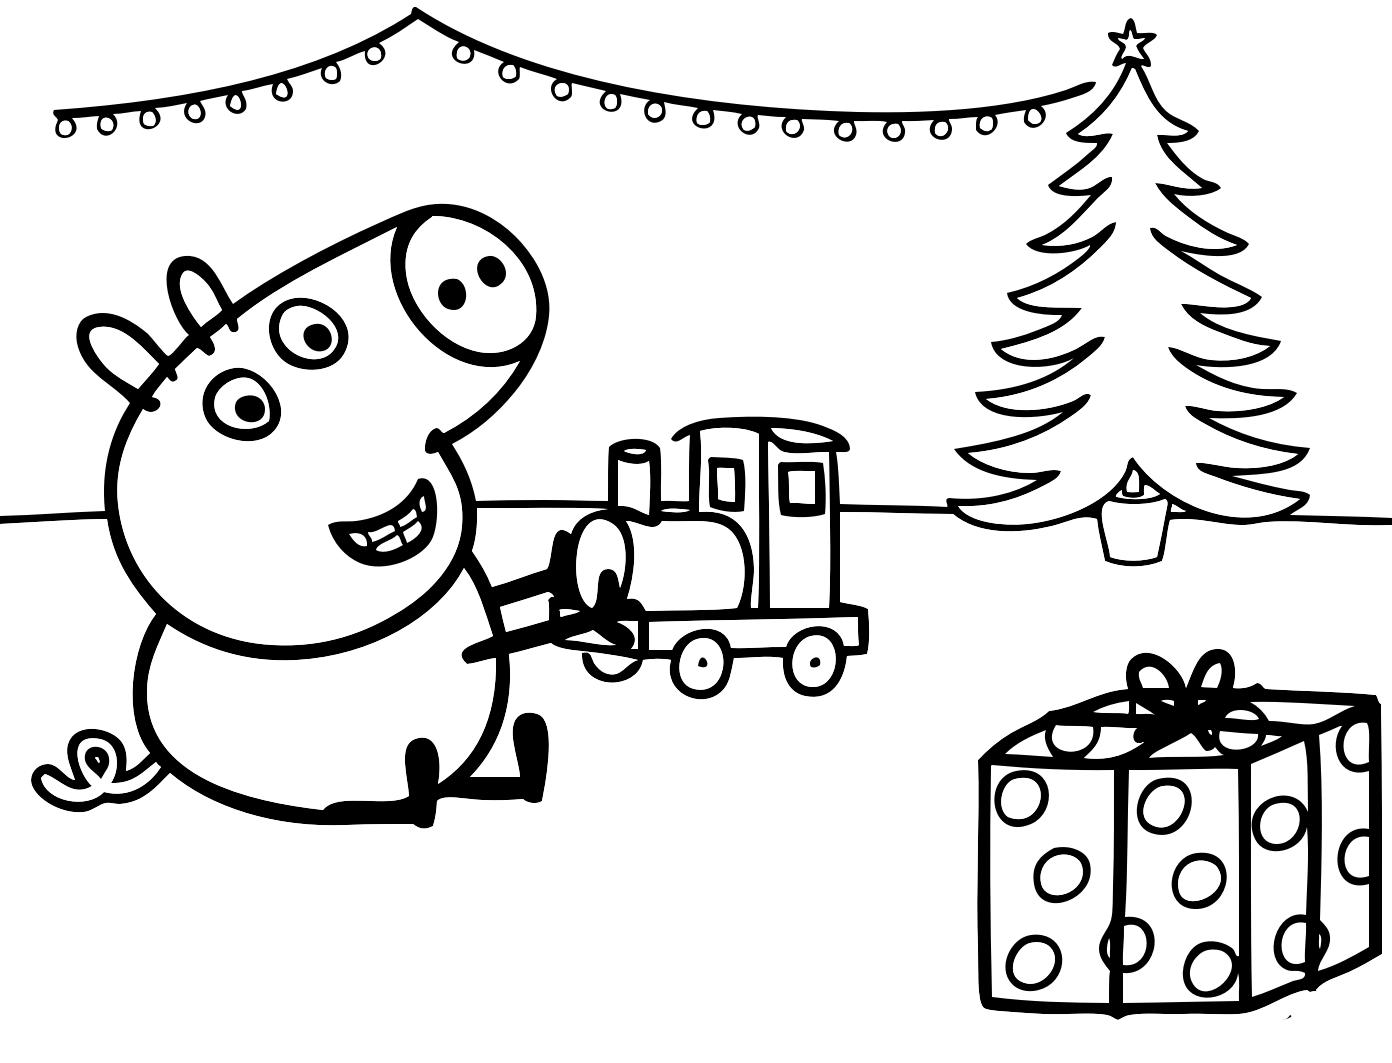 Peppa Pig Babbo Natale Da Colorare.38 Disegni Peppa Pig Da Colorare E Stampare